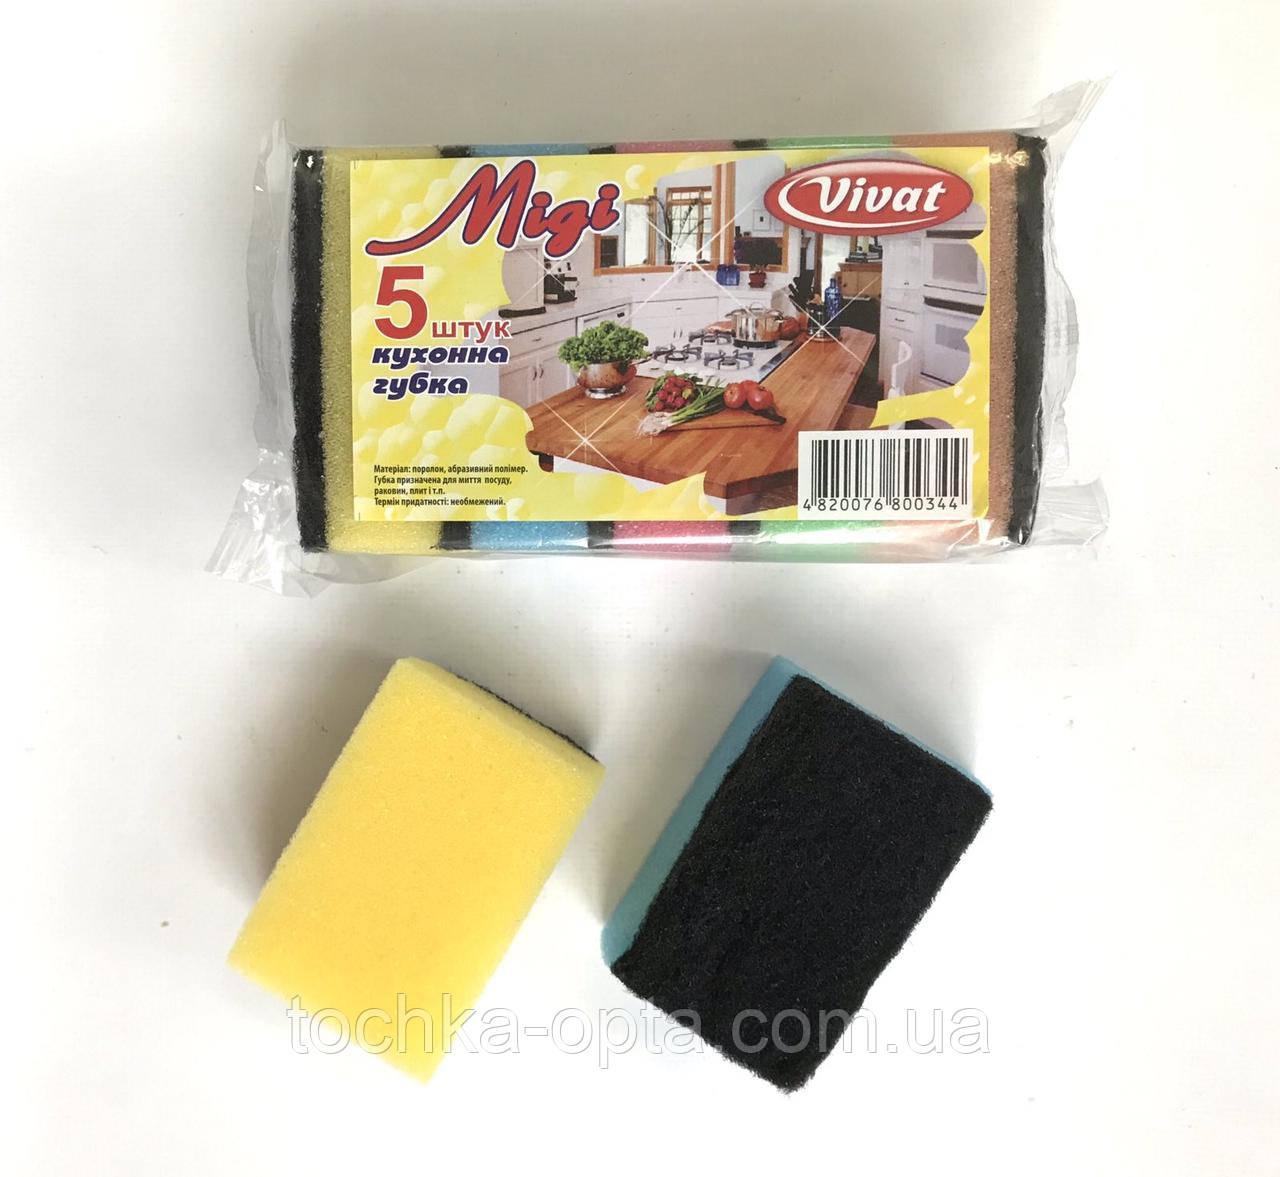 Губка для посуды Migi 5 штук в упаковке